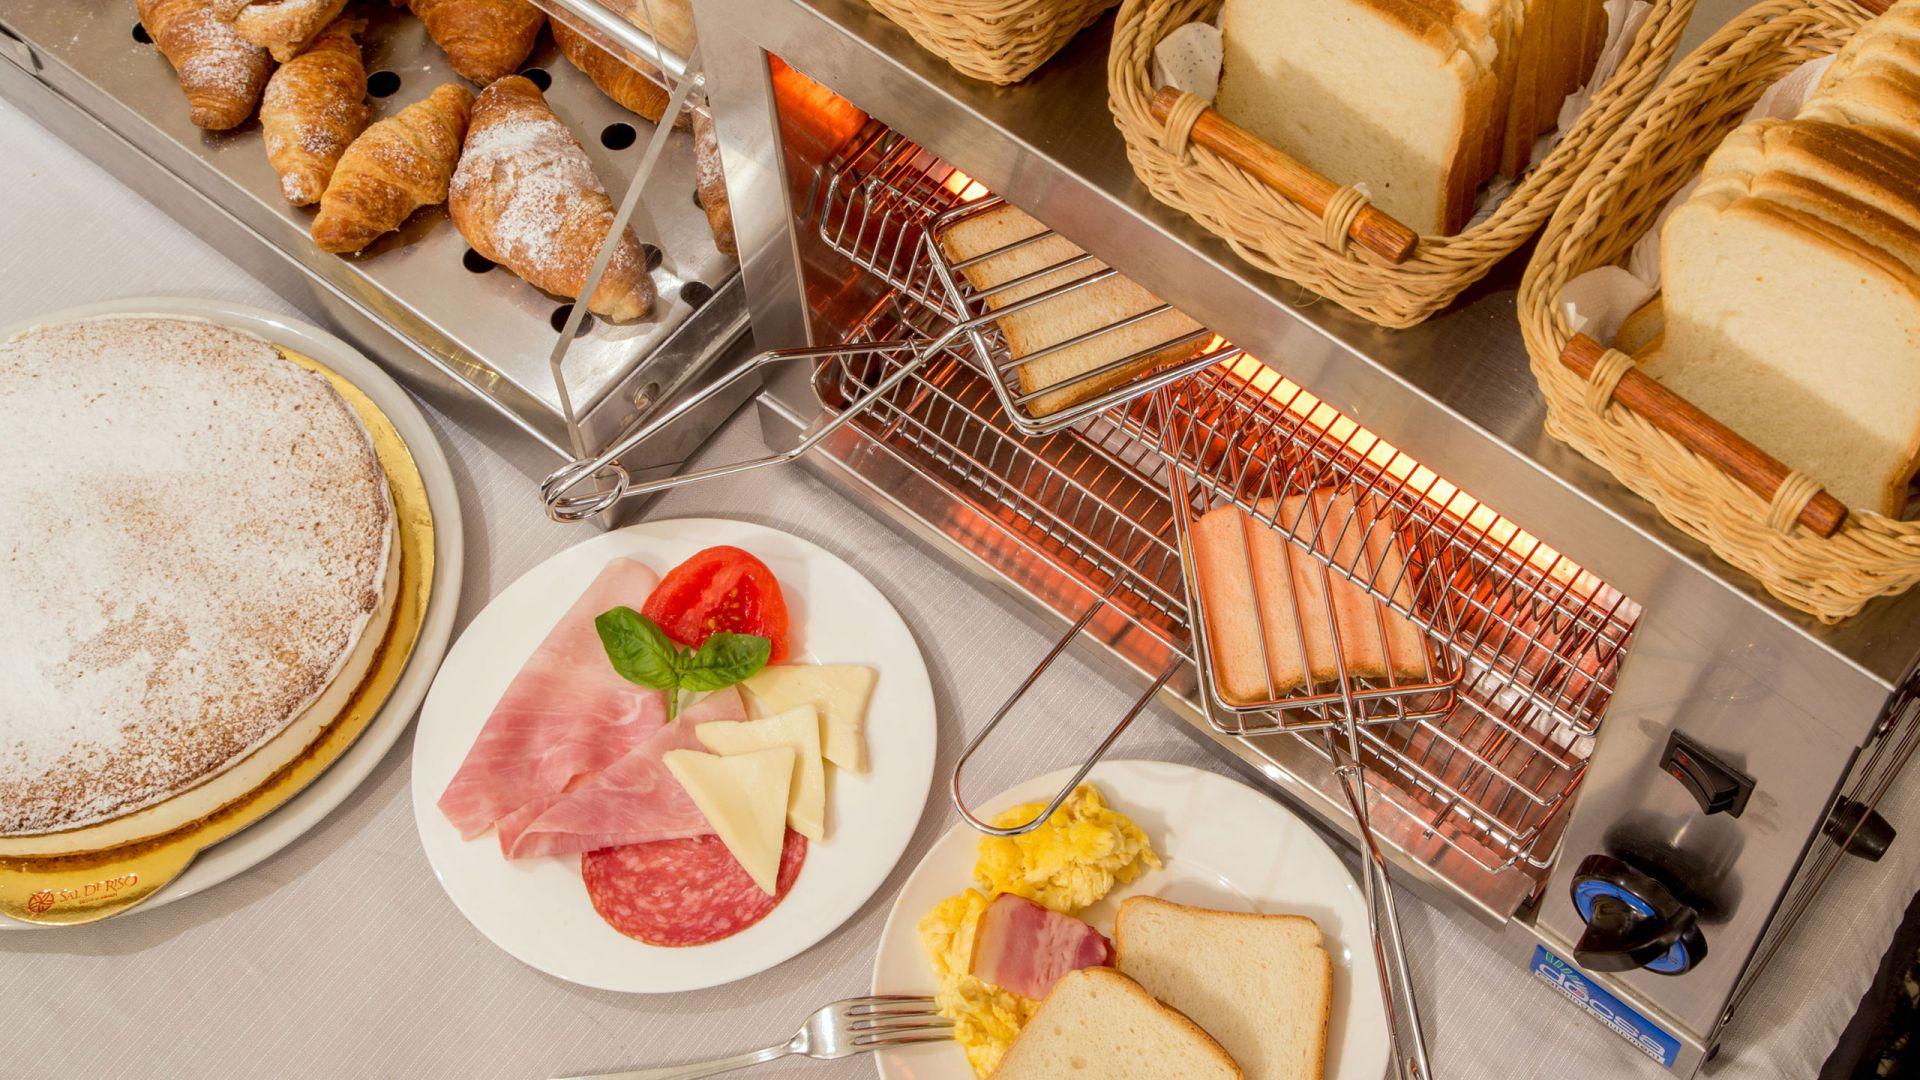 albergo-ottocento-roma-colazione-07